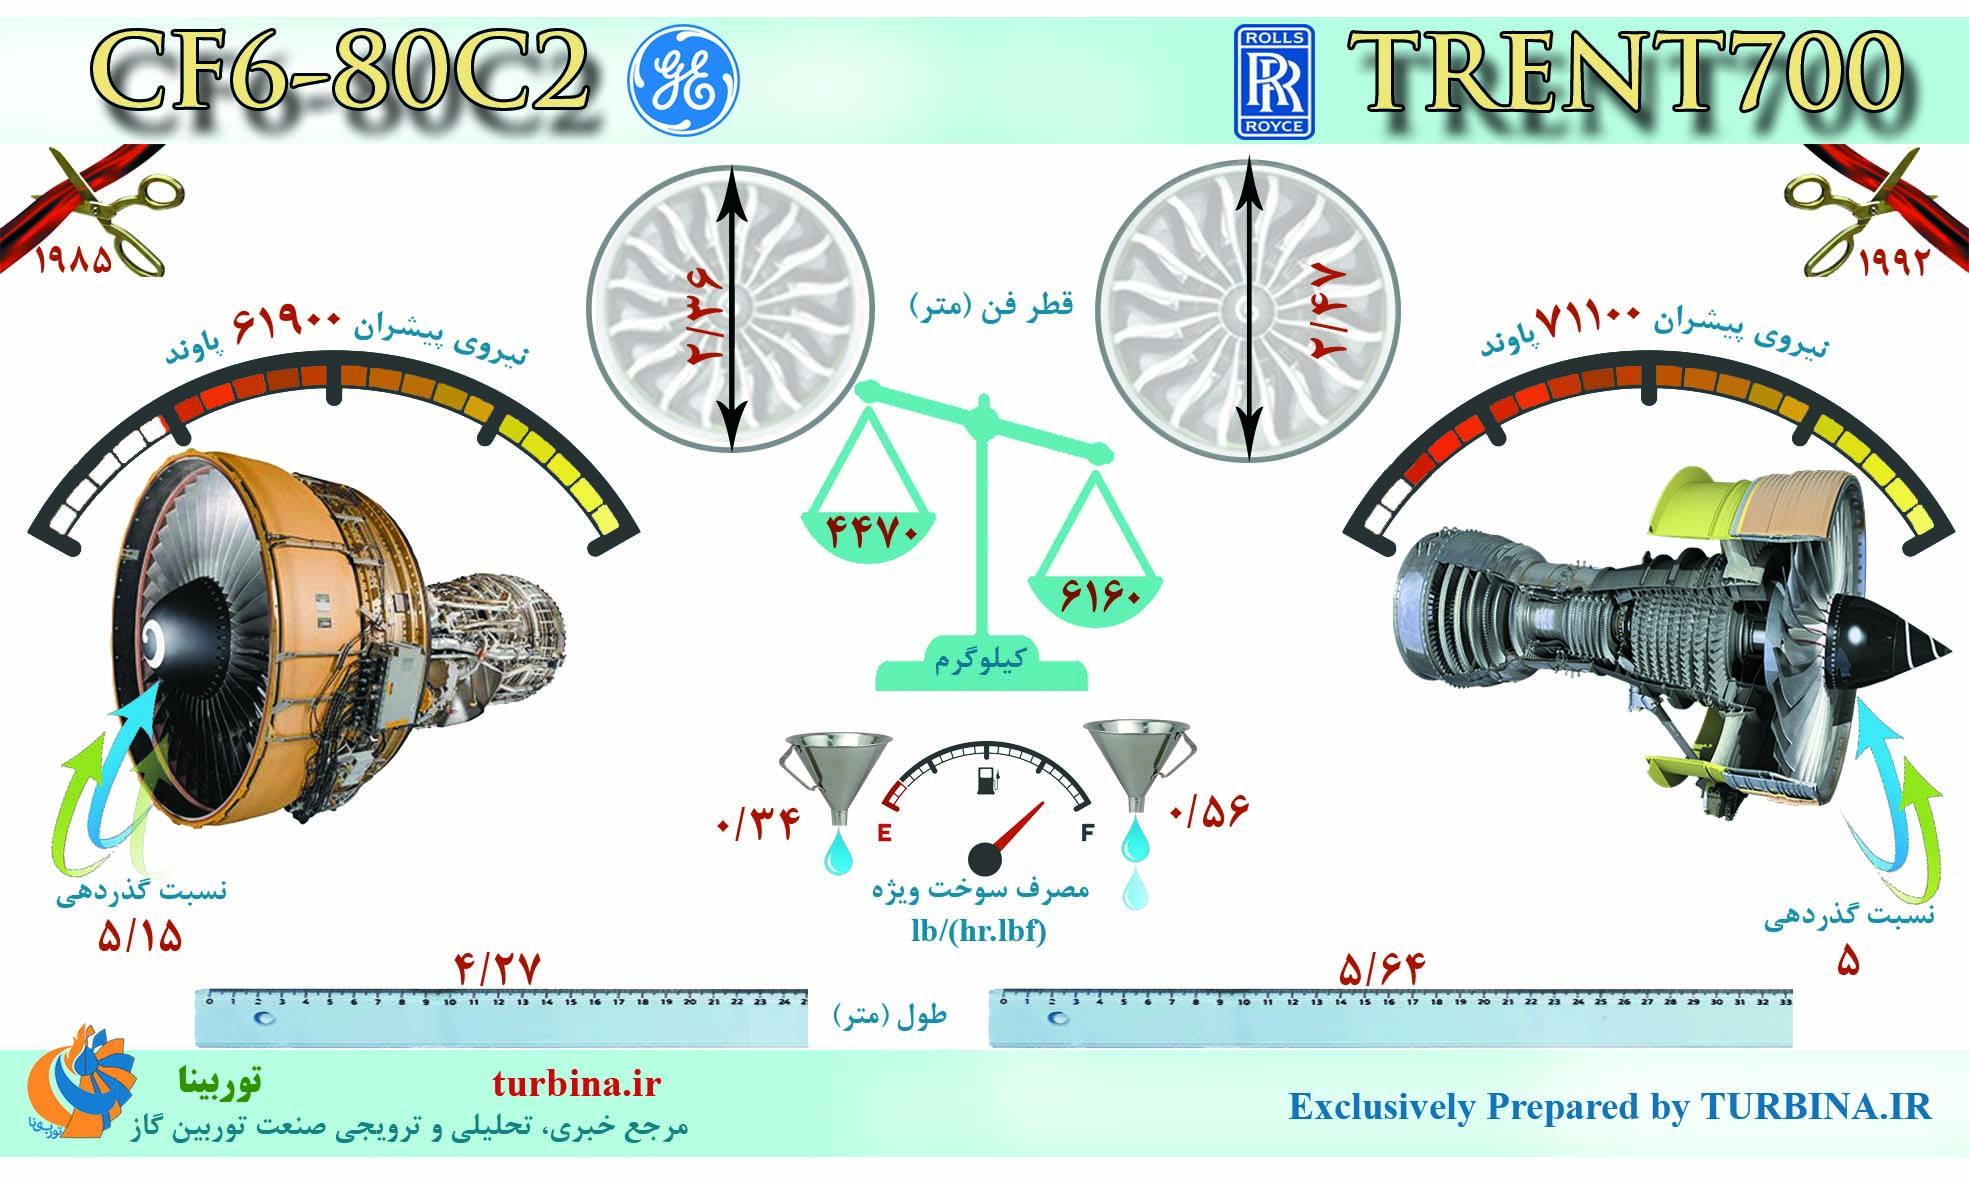 مقایسه موتورهای CF6-80C2 و TRENT700